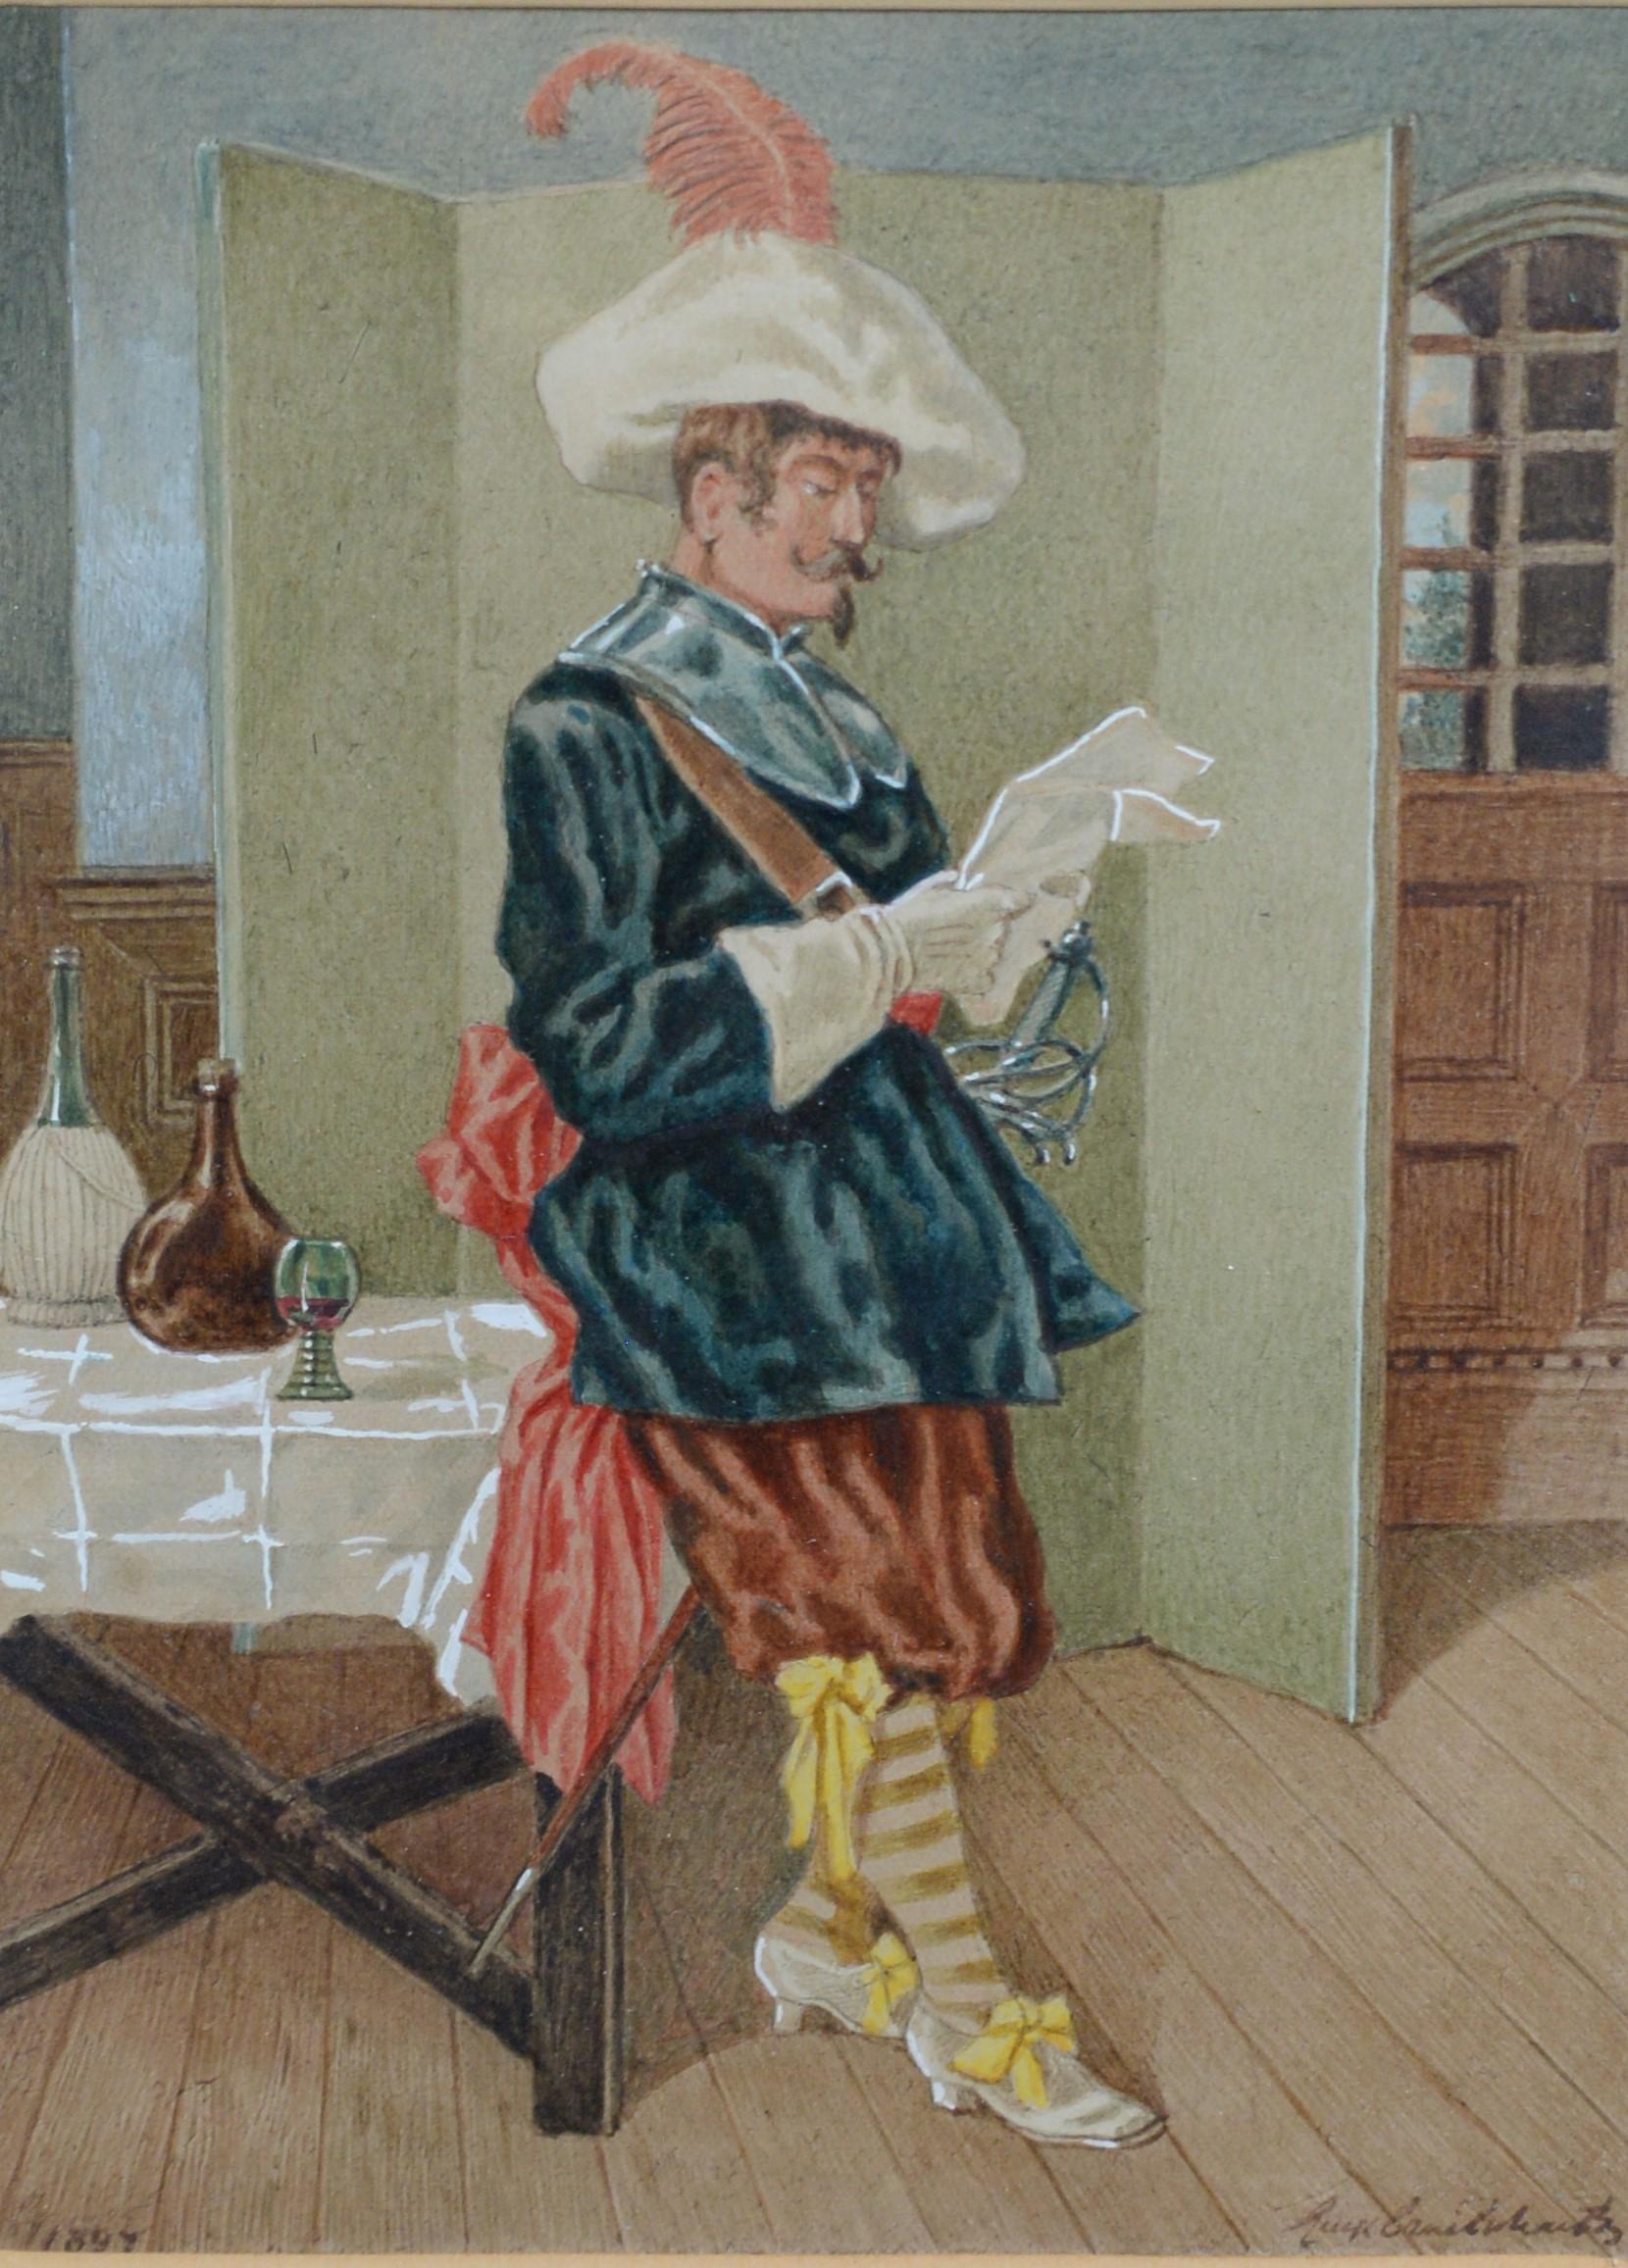 George Cruikshank, jnr. - watercolours. - Image 2 of 3